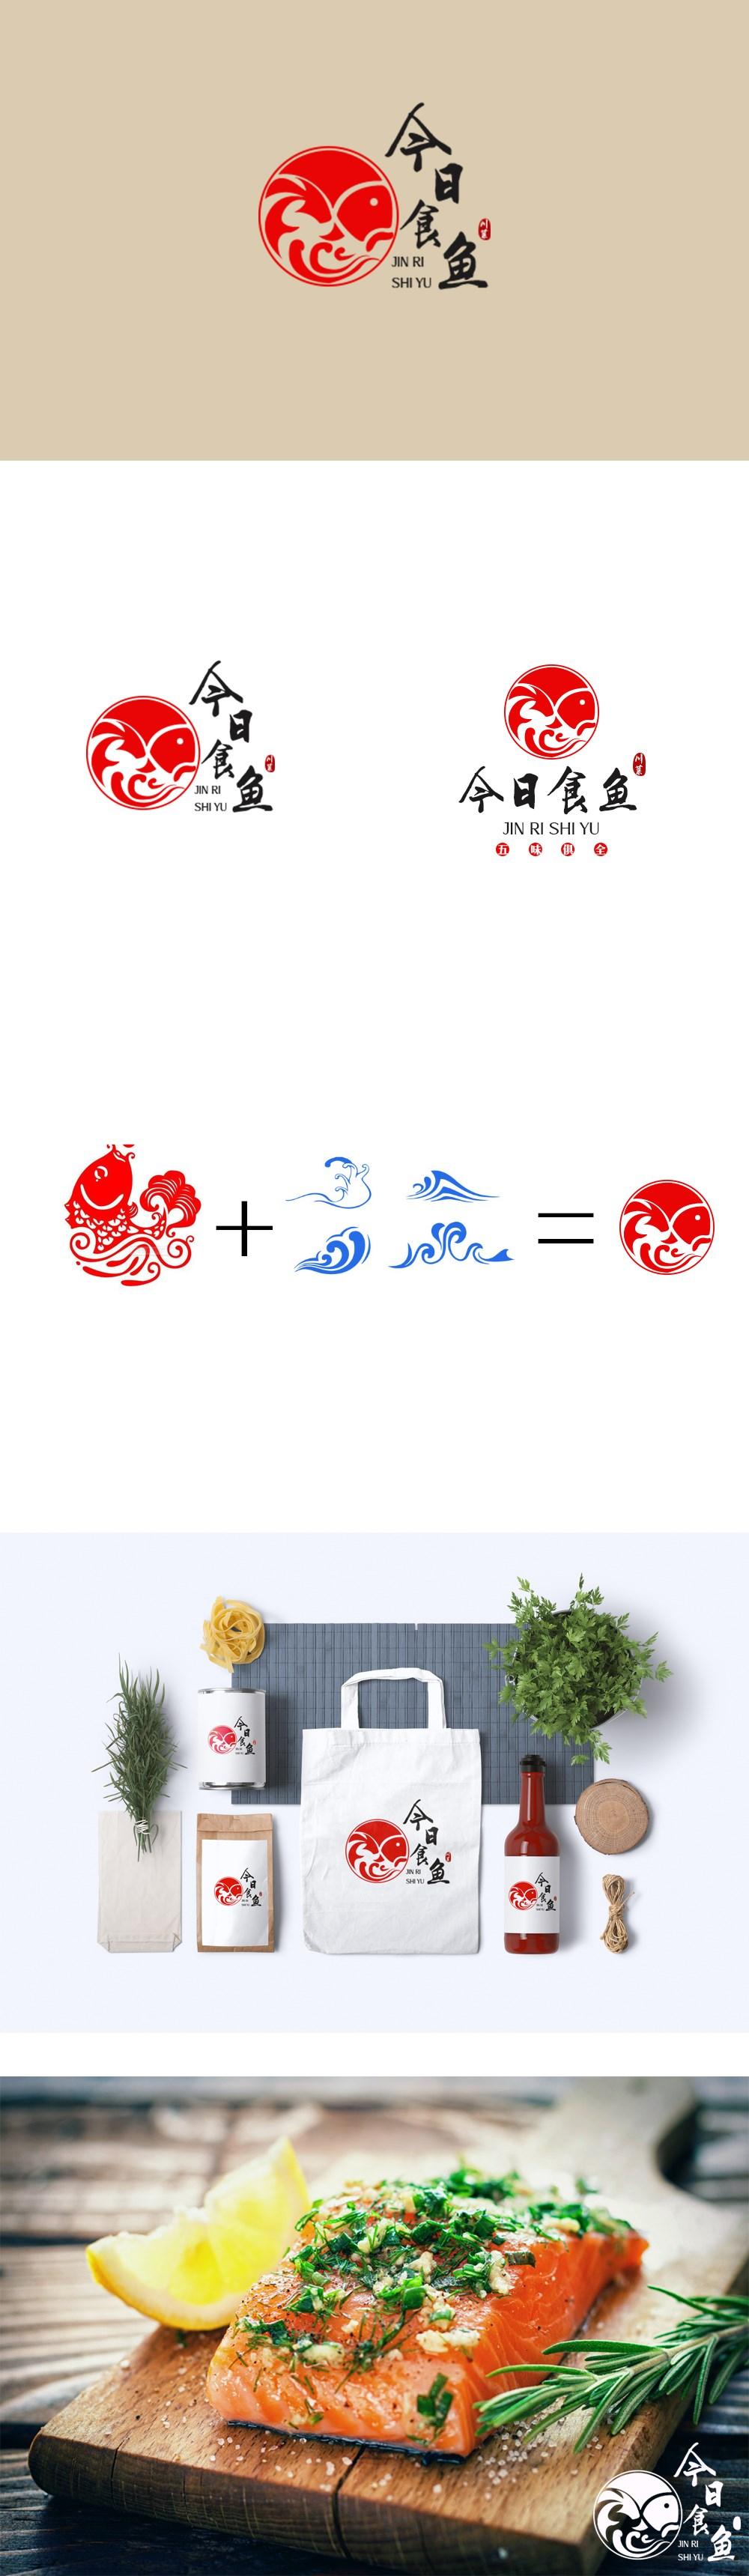 餐饮业 logo设计